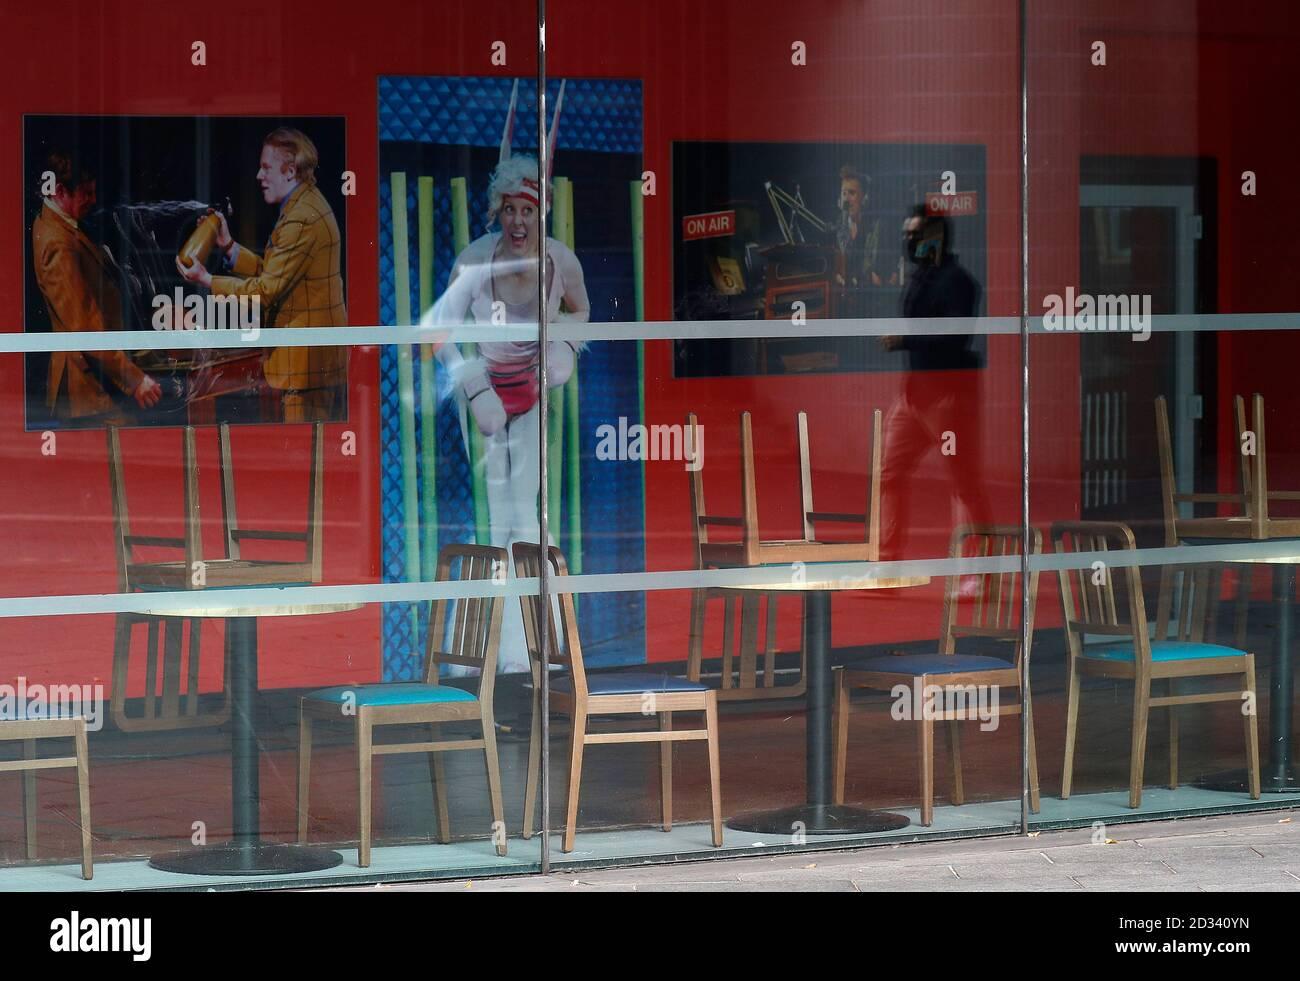 Leicester, Leicestershire, Regno Unito. 7 ottobre 2020. Un uomo si riflette nella finestra del chiuso Curve Theatre 100 giorni dopo l'annuncio del UKÕs primo blocco pandemico coronavirus locale nella città. Credit Darren Staples/Alamy Live News. Foto Stock